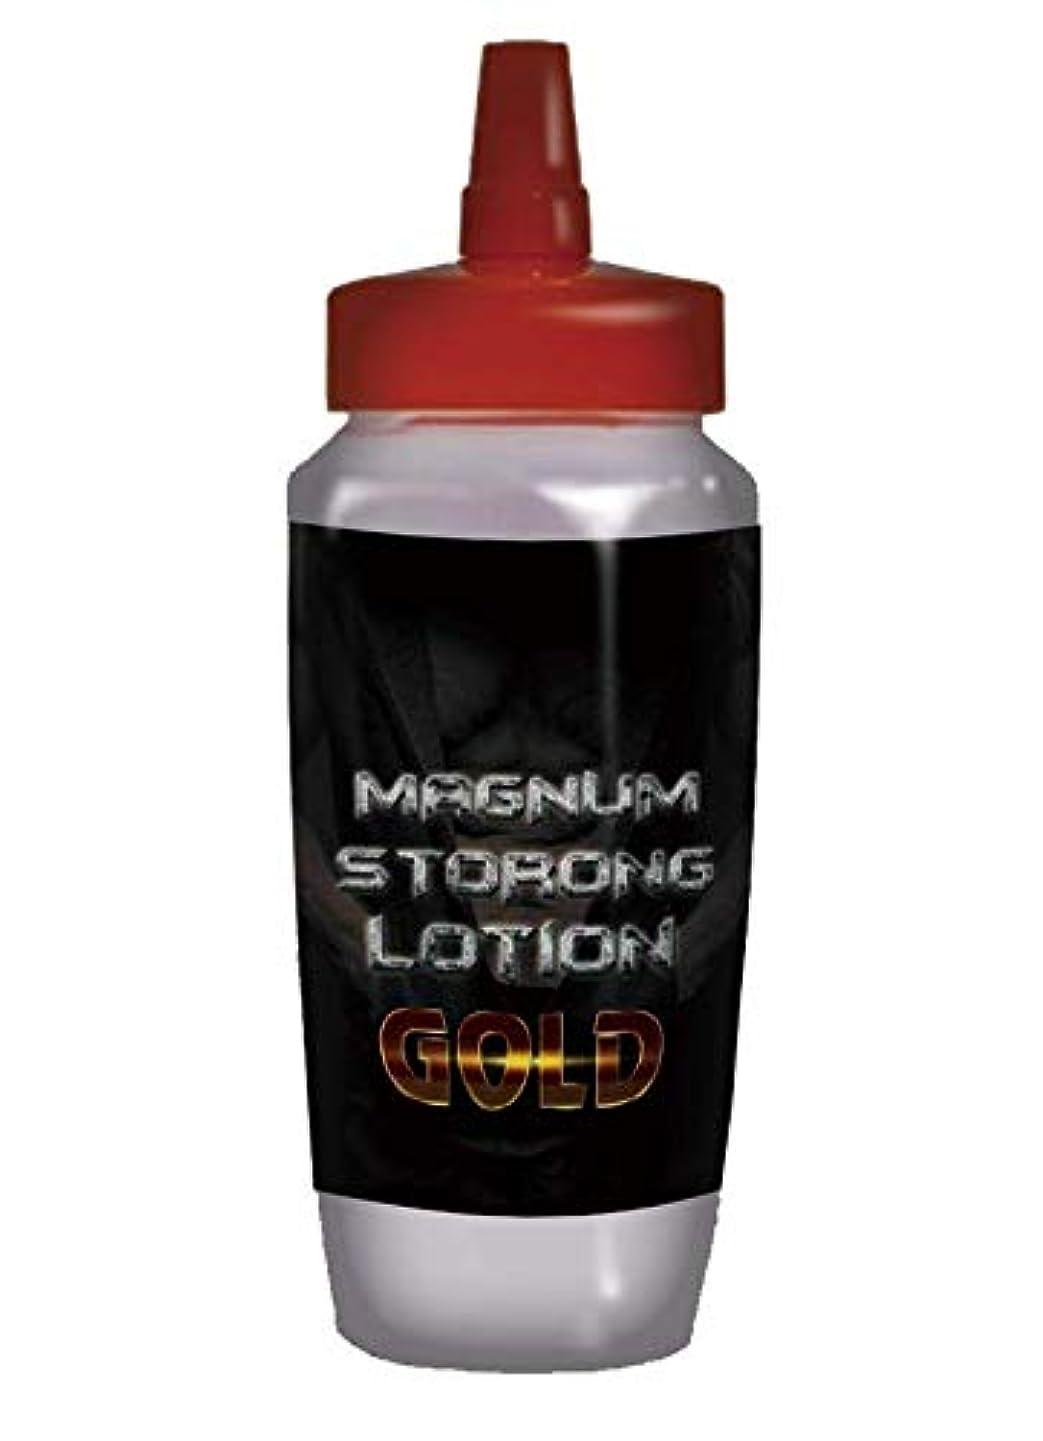 MAGNUM STRONG LOTION GOLD【国内正規品】メンズマッサージジェル 増大ローション 360mlの大容量